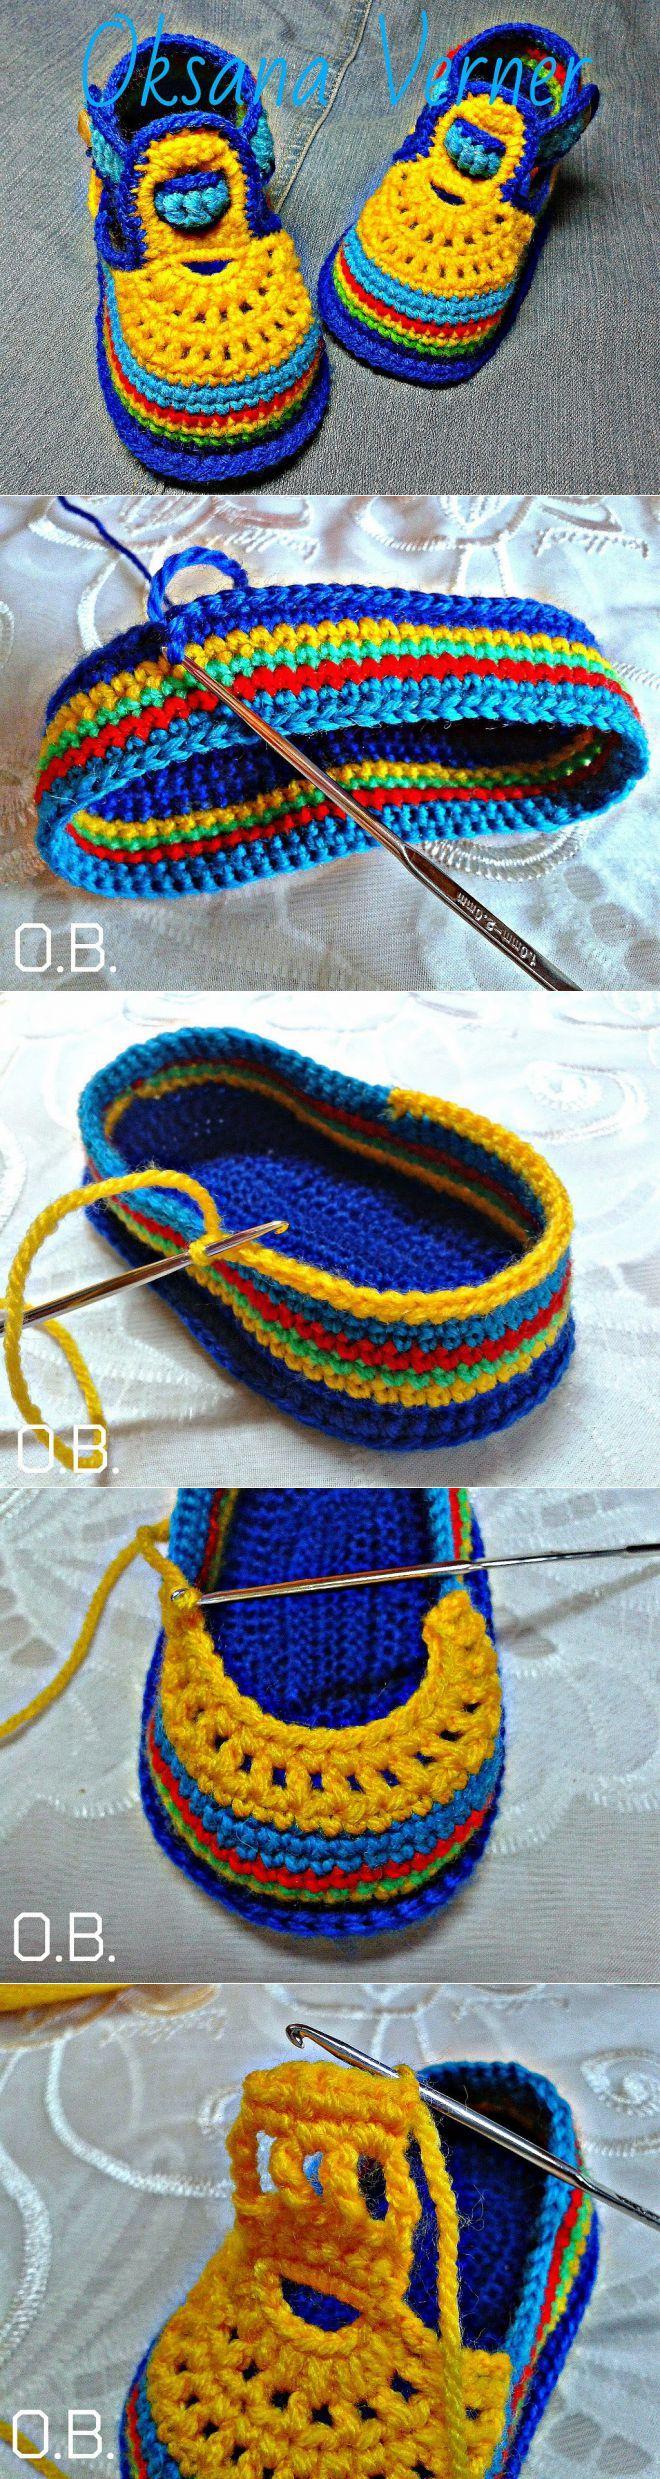 1025 Best Crochet Bebs Images On Pinterest Baby Chrochet Tm Diagram Ideas And Tips Juxtapost